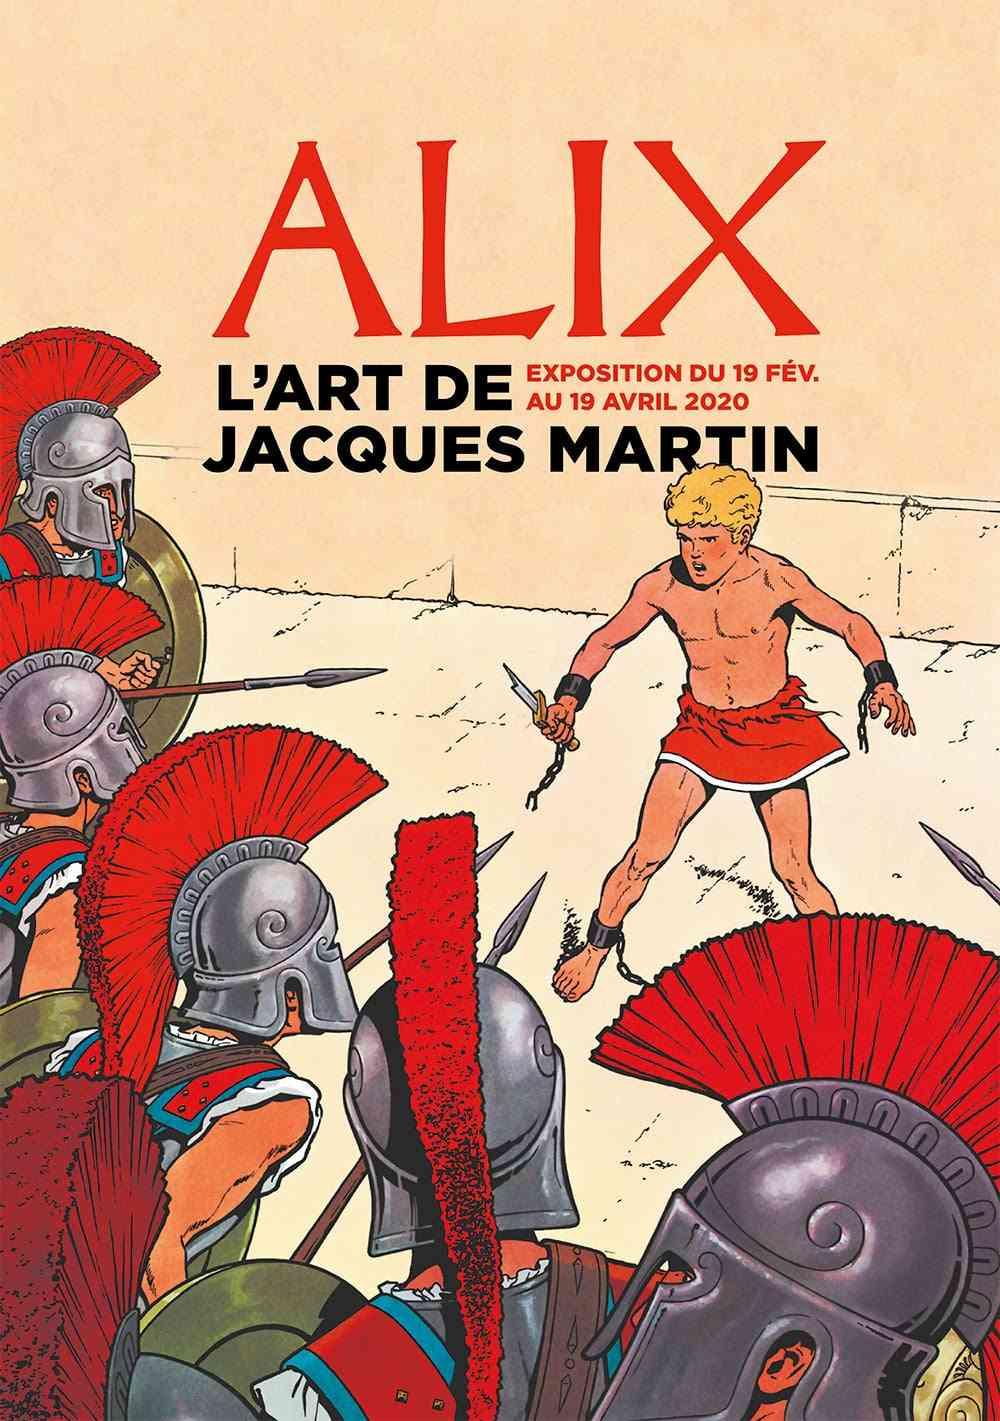 Alix et Jacques Martin s'exposent à Versailles du 19 février au 19 avril 2020